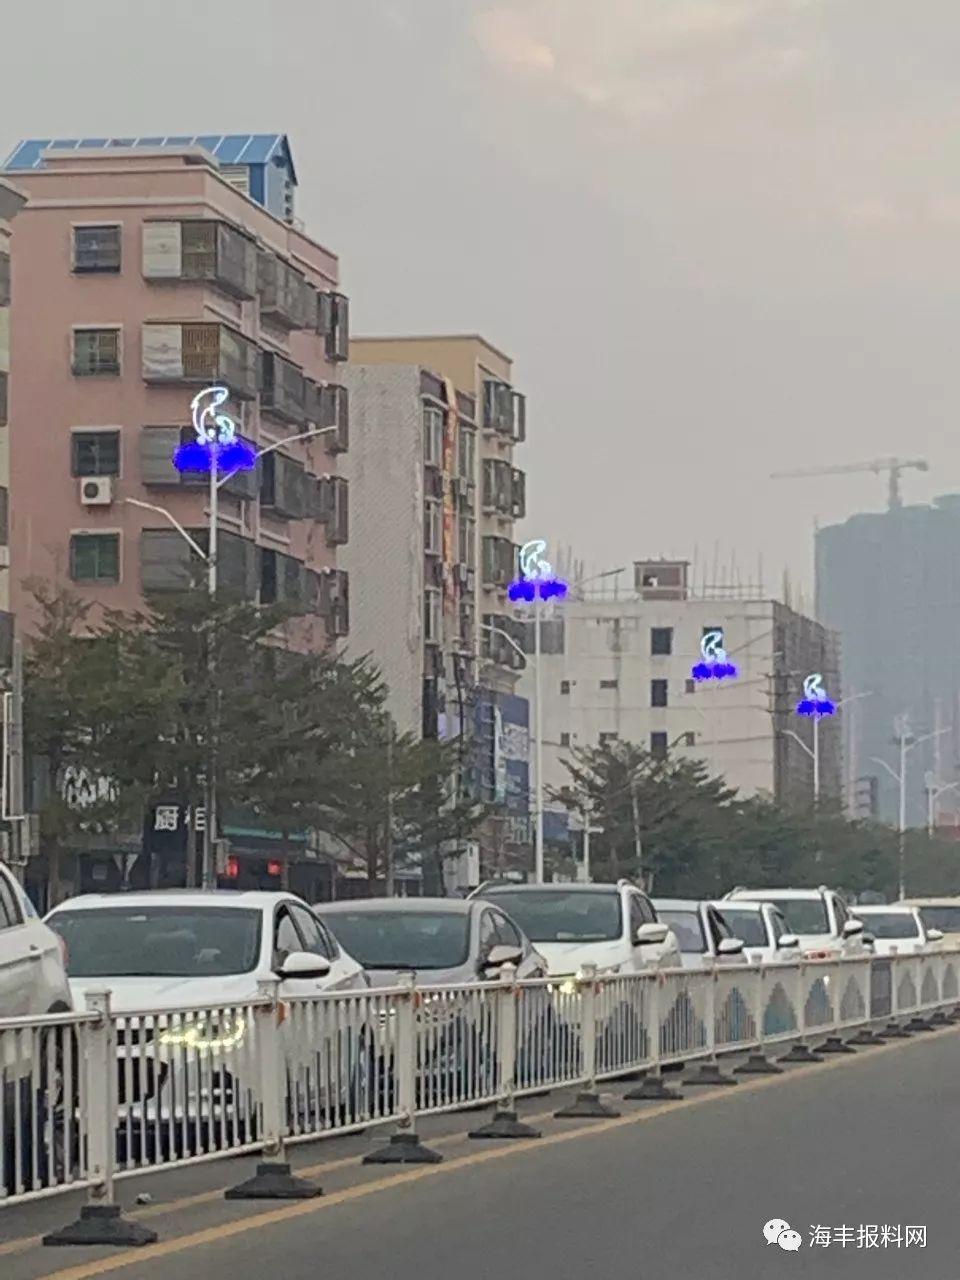 海丰县城二环路的路灯换新了 海丰新闻 第1张